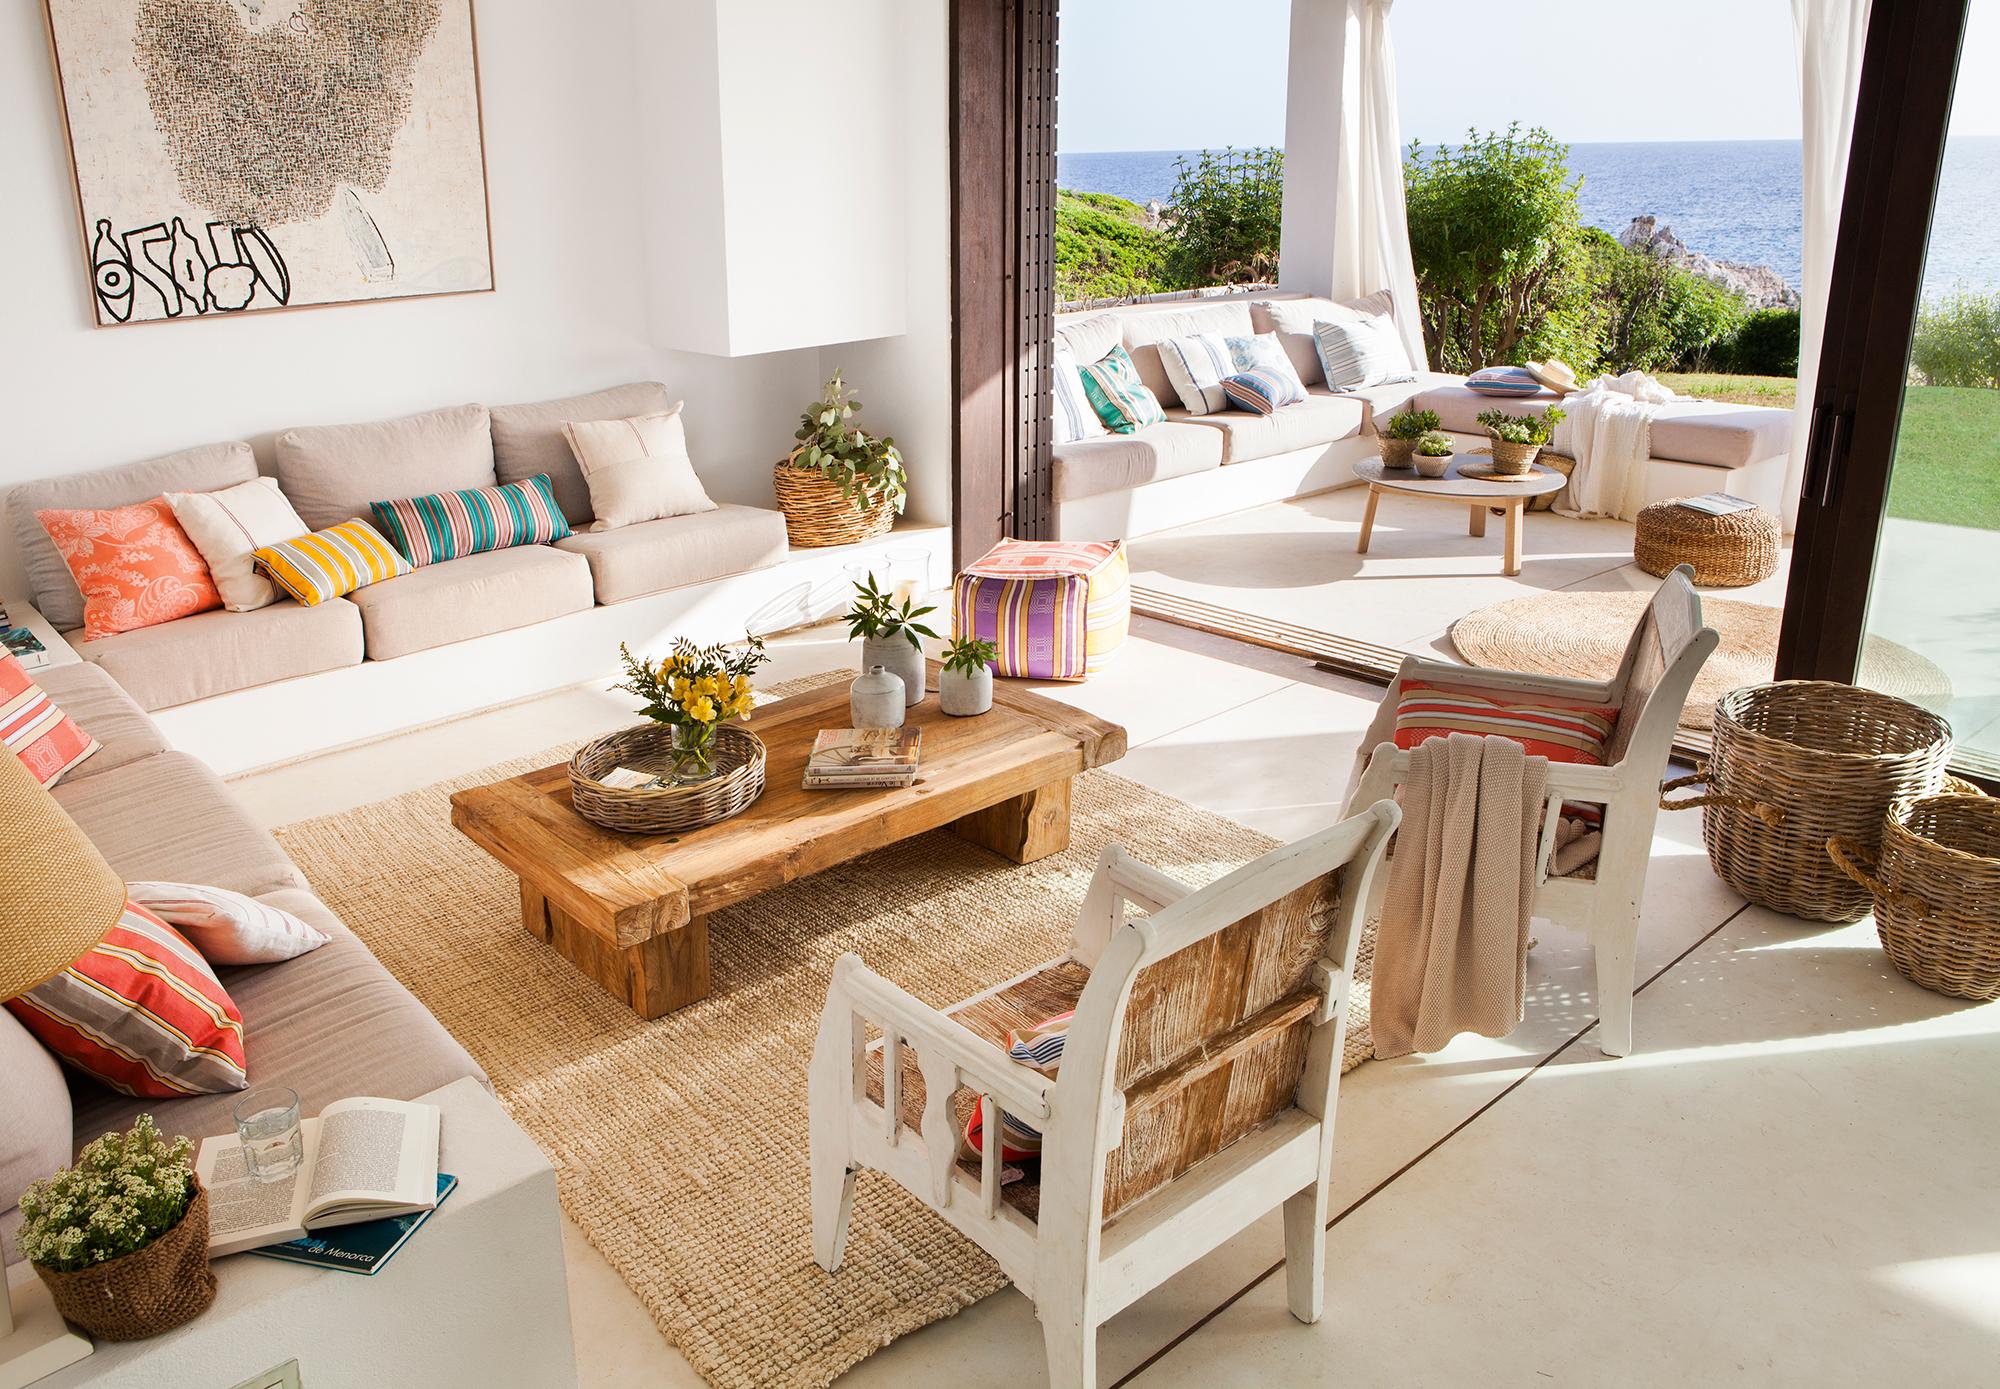 Los 15 mejores salones de verano de El Mueble y todas sus claves